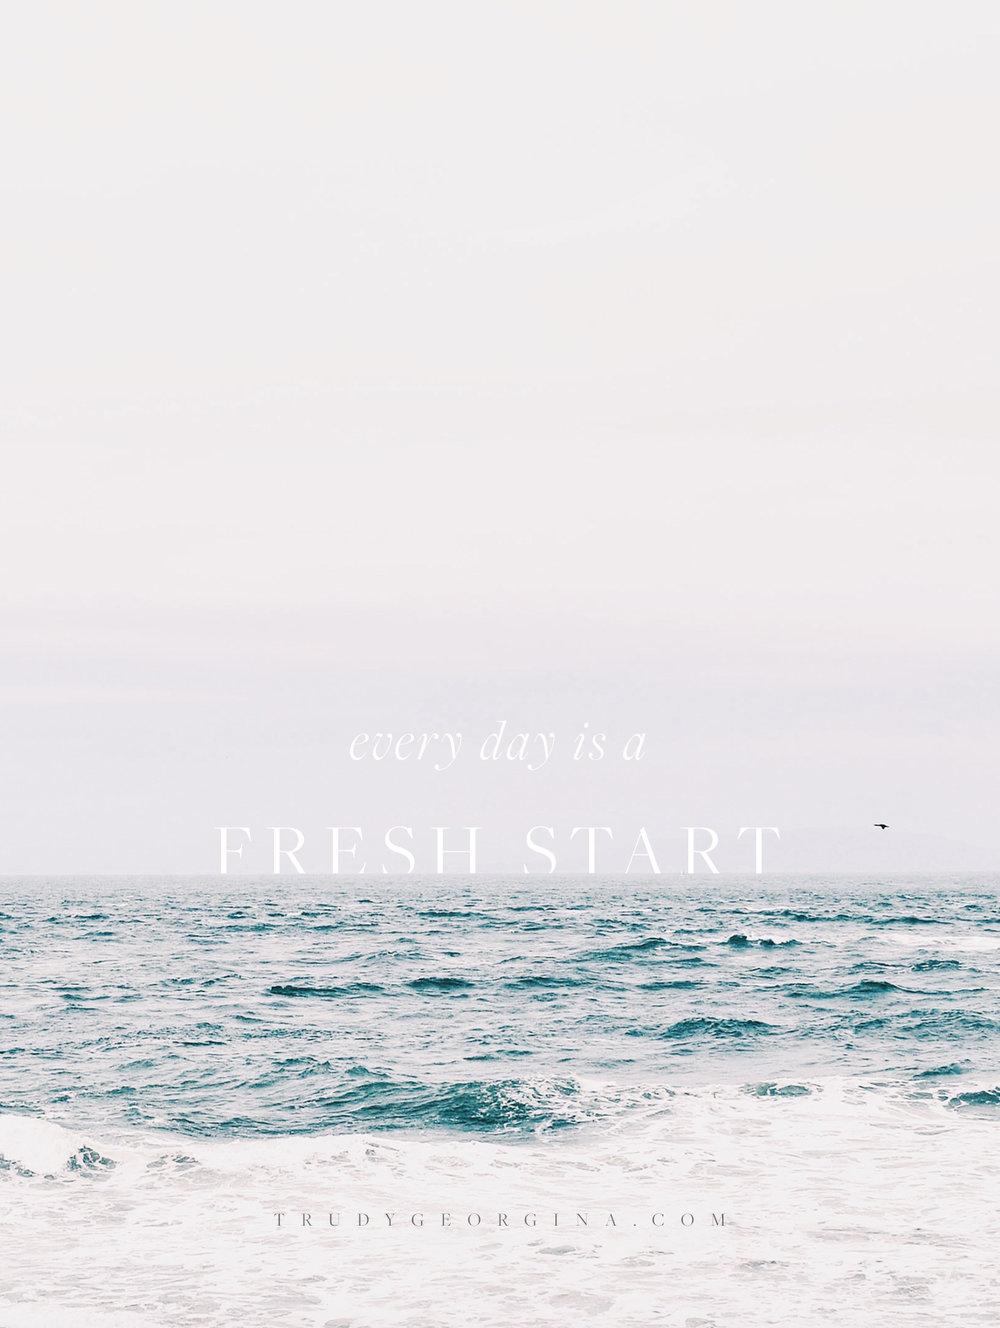 A fresh start. | trudygeorgina.com